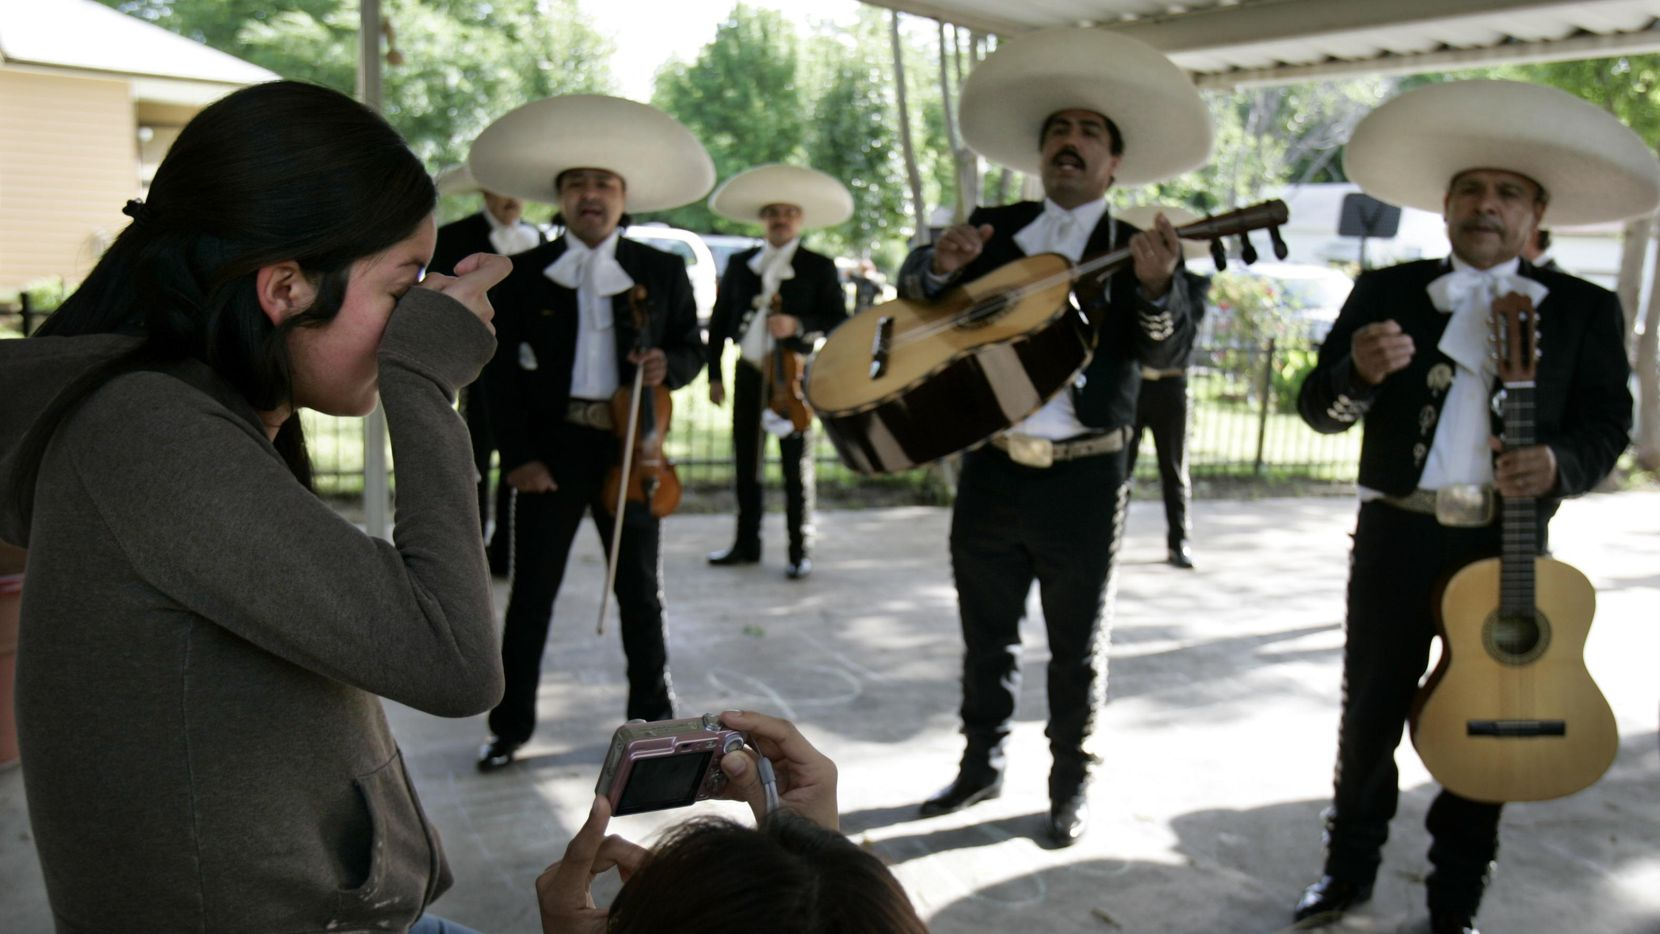 Los mariachis tiene una de sus jornadas más activas durante el Día de las Madres. and for both their mothers. ARCHIVO/DMN